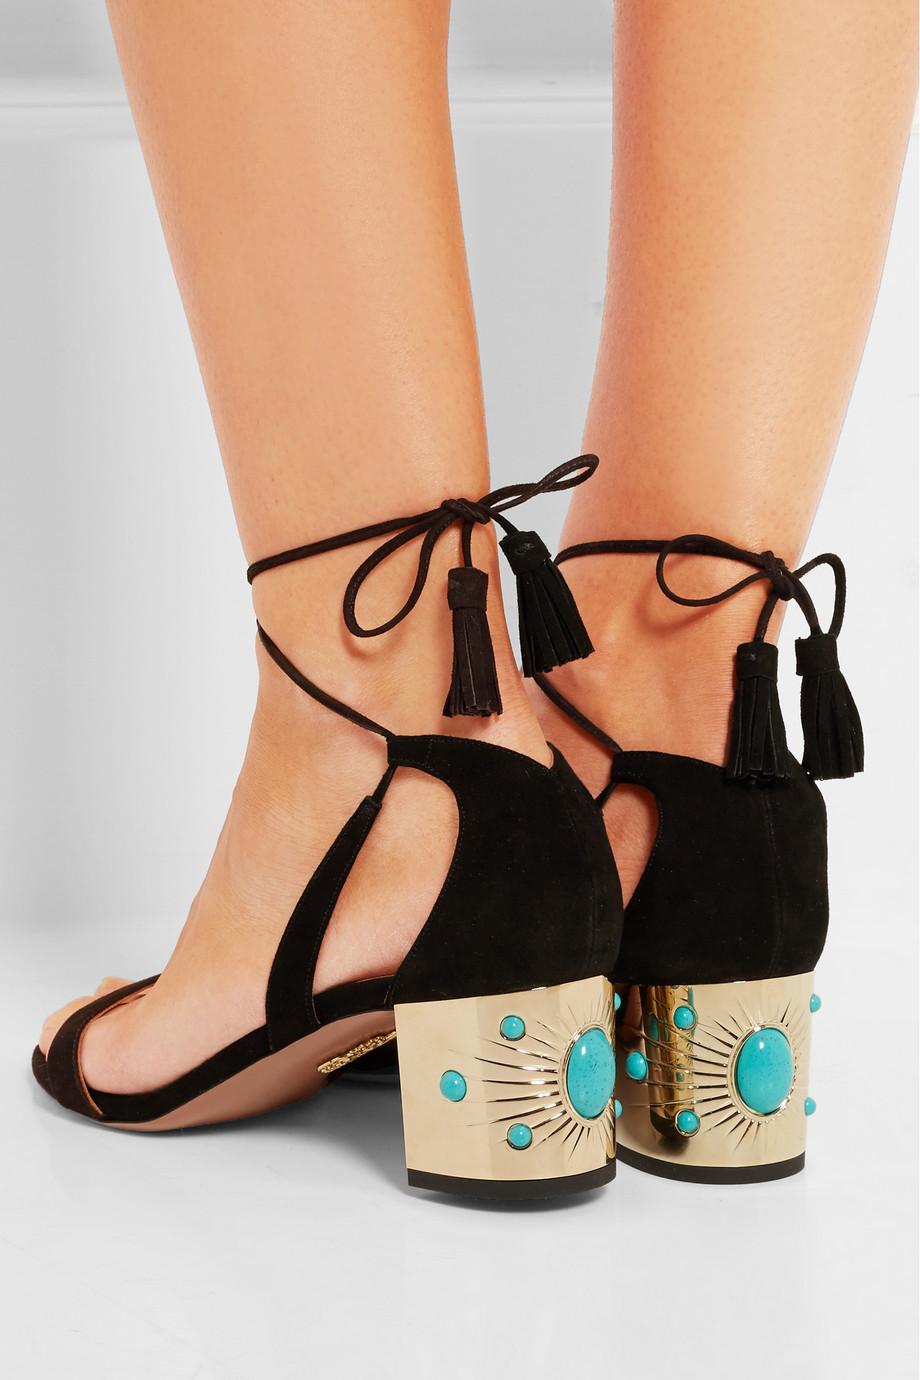 Aquazzura Cleopatra Sandals